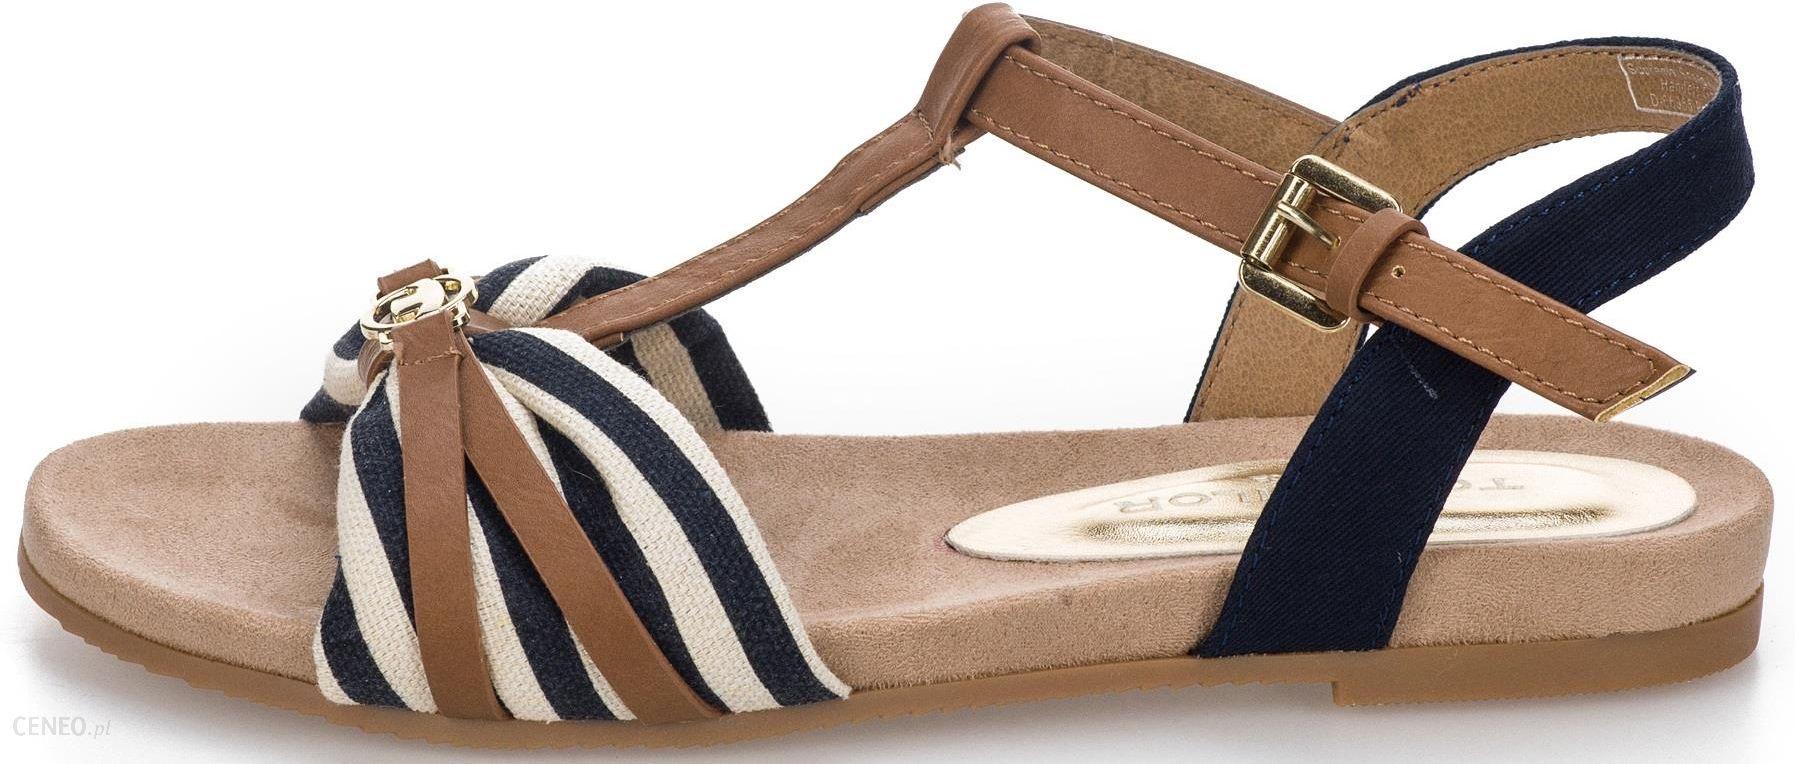 9a7b2a53714c0 Tom Tailor sandały damskie 39 ciemny niebieski - Ceny i opinie ...